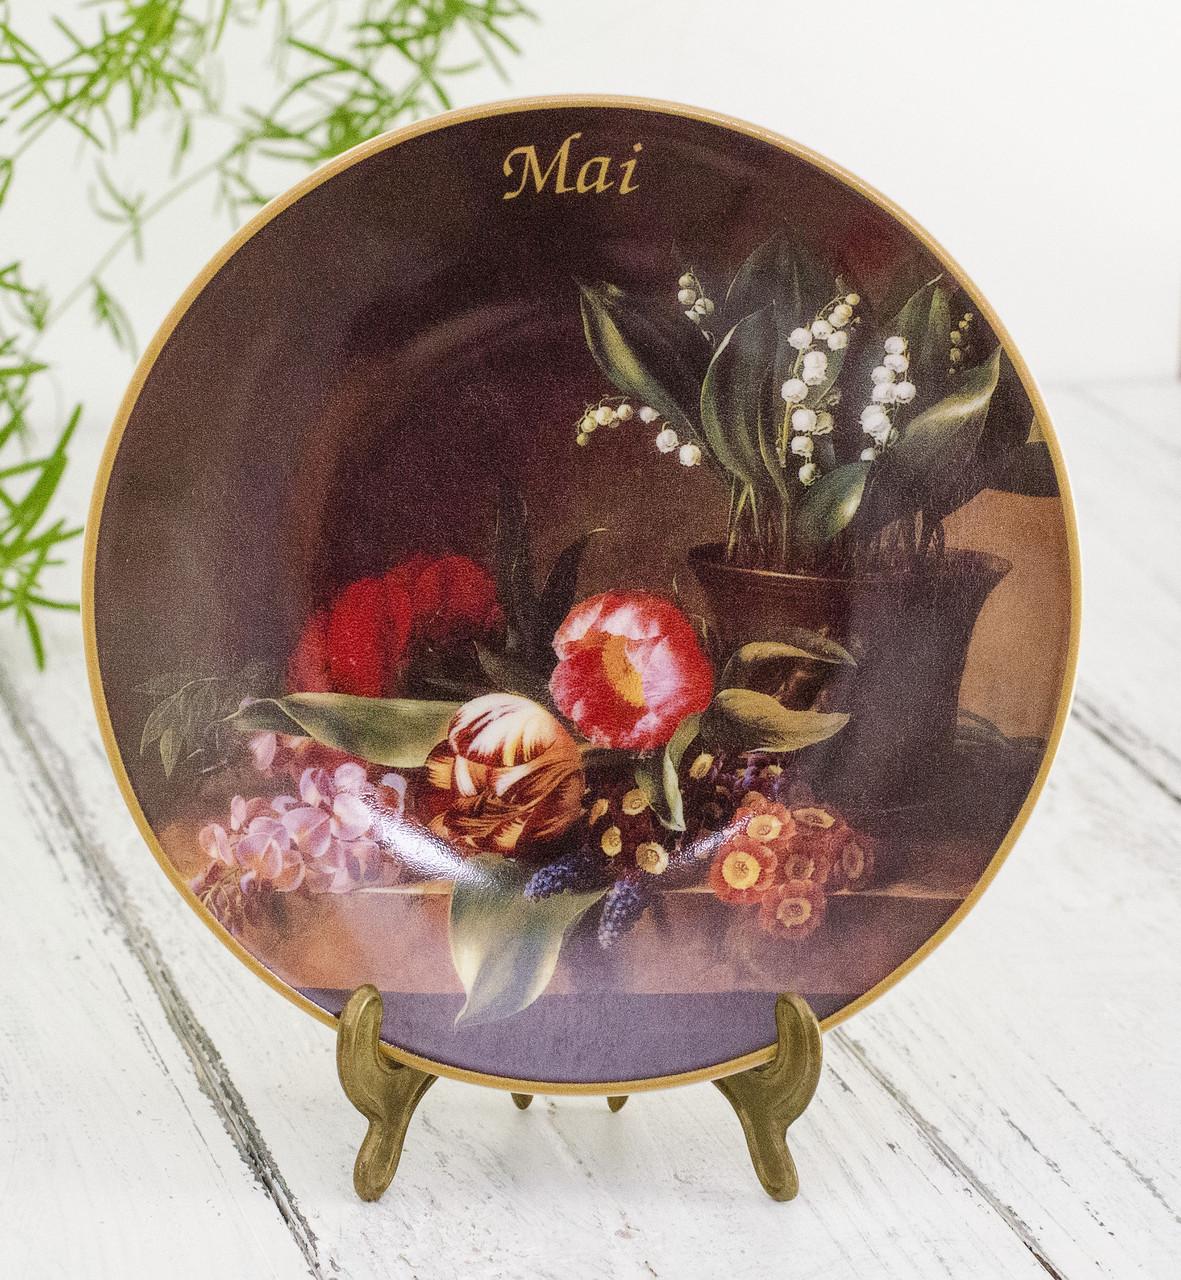 Коллекционная фарфоровая тарелка Май, фарфор, König Porzellan, Германия, 1998 год